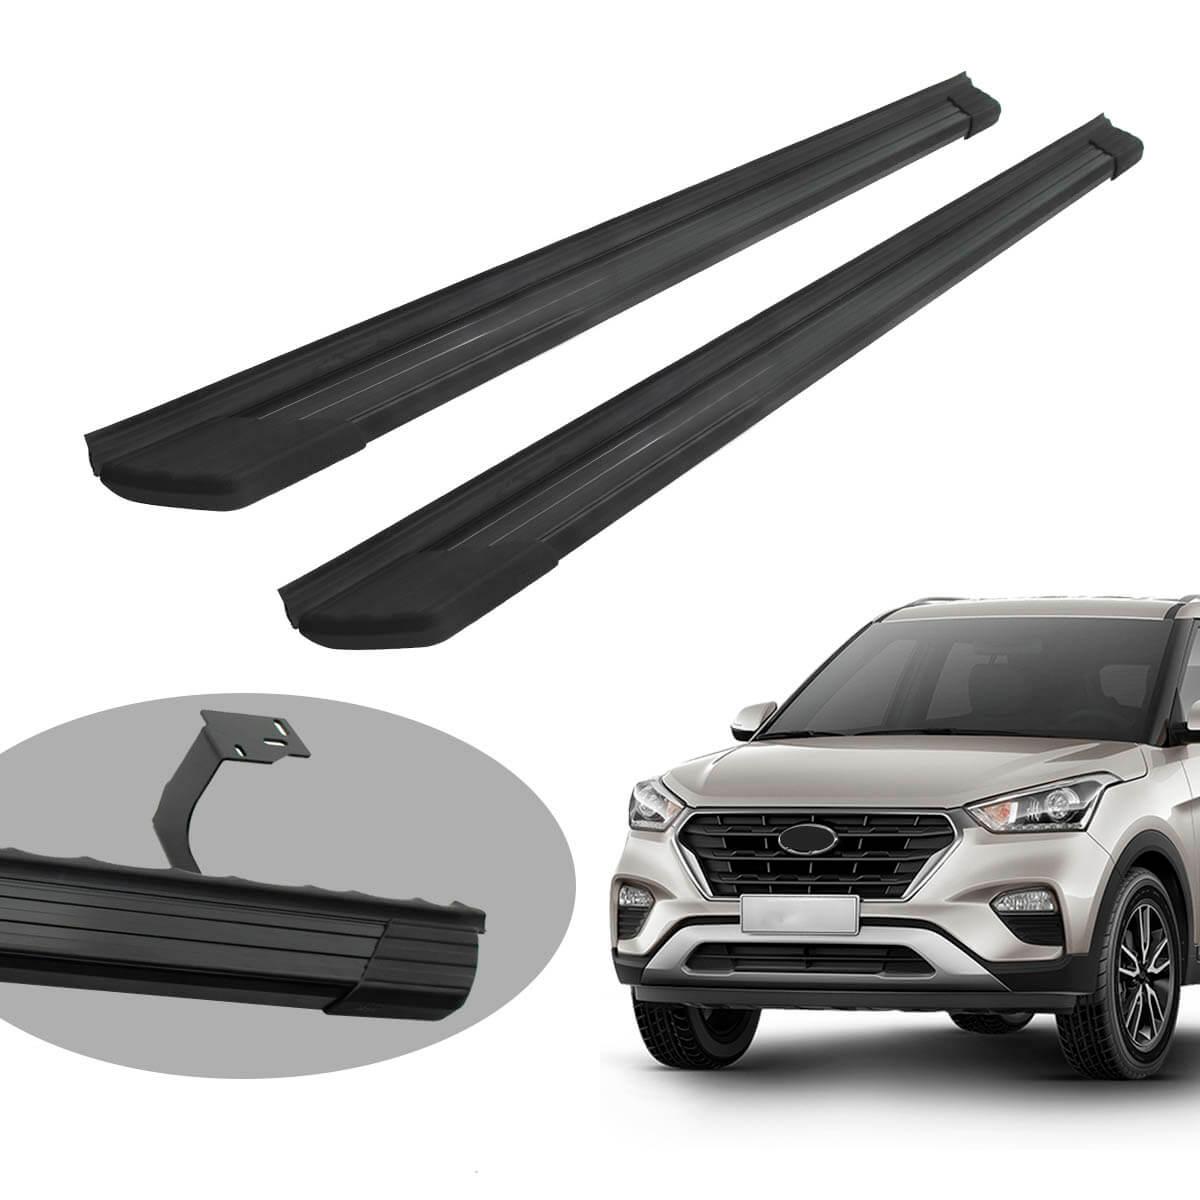 Estribo Bepo SUV 2 alumínio preto Hyundai Creta 2017 2018 2019 2020